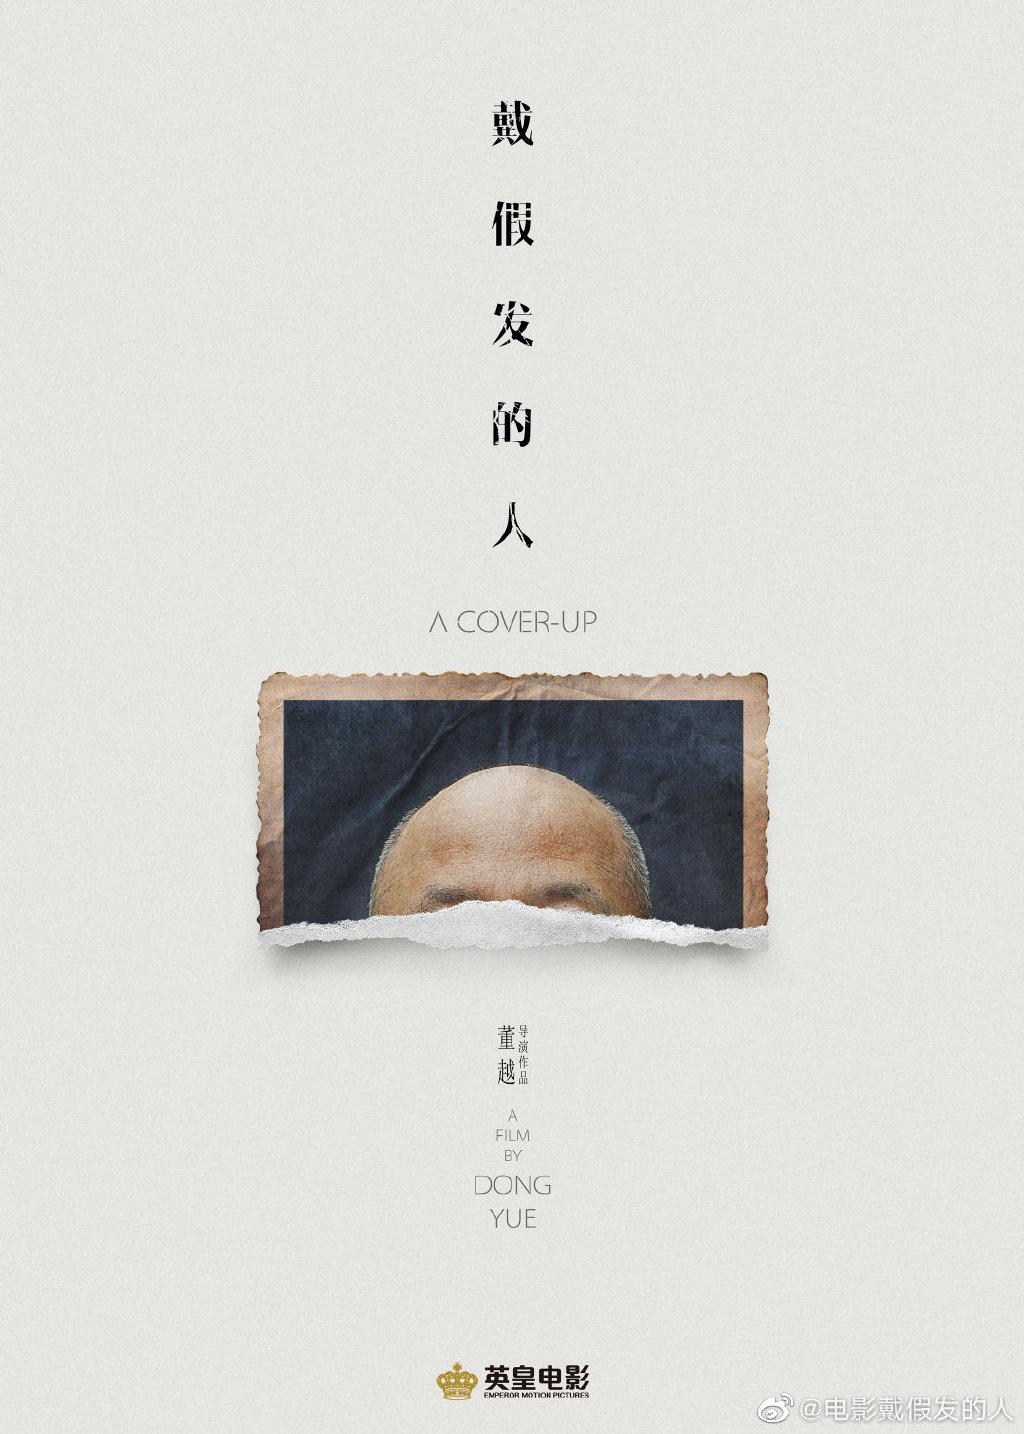 犯罪悬疑电影《戴假发的人》开机,黄晓明演夜班出租车司机图片